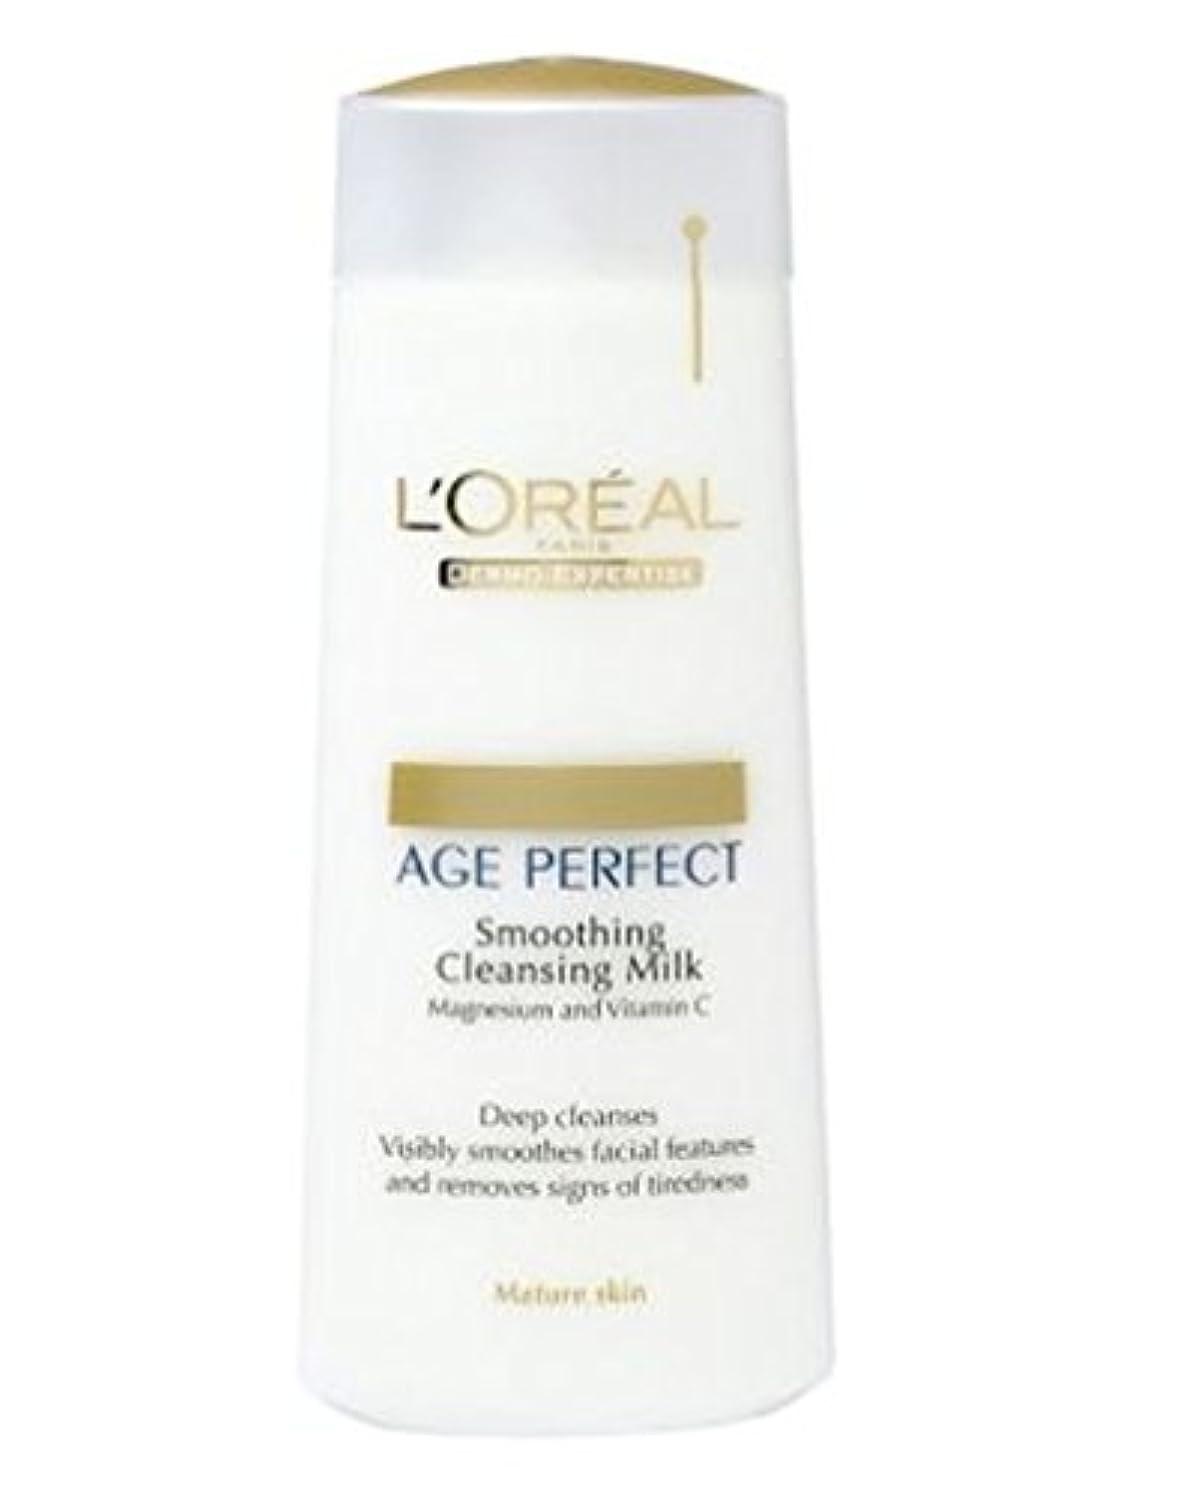 認証不誠実対処L'Oreall Dermo-Expertise Age Perfect Smoothing Cleansing Milk 200ml - L'Oreall真皮専門知識の年齢、完璧なスムージングクレンジングミルク200ミリリットル...